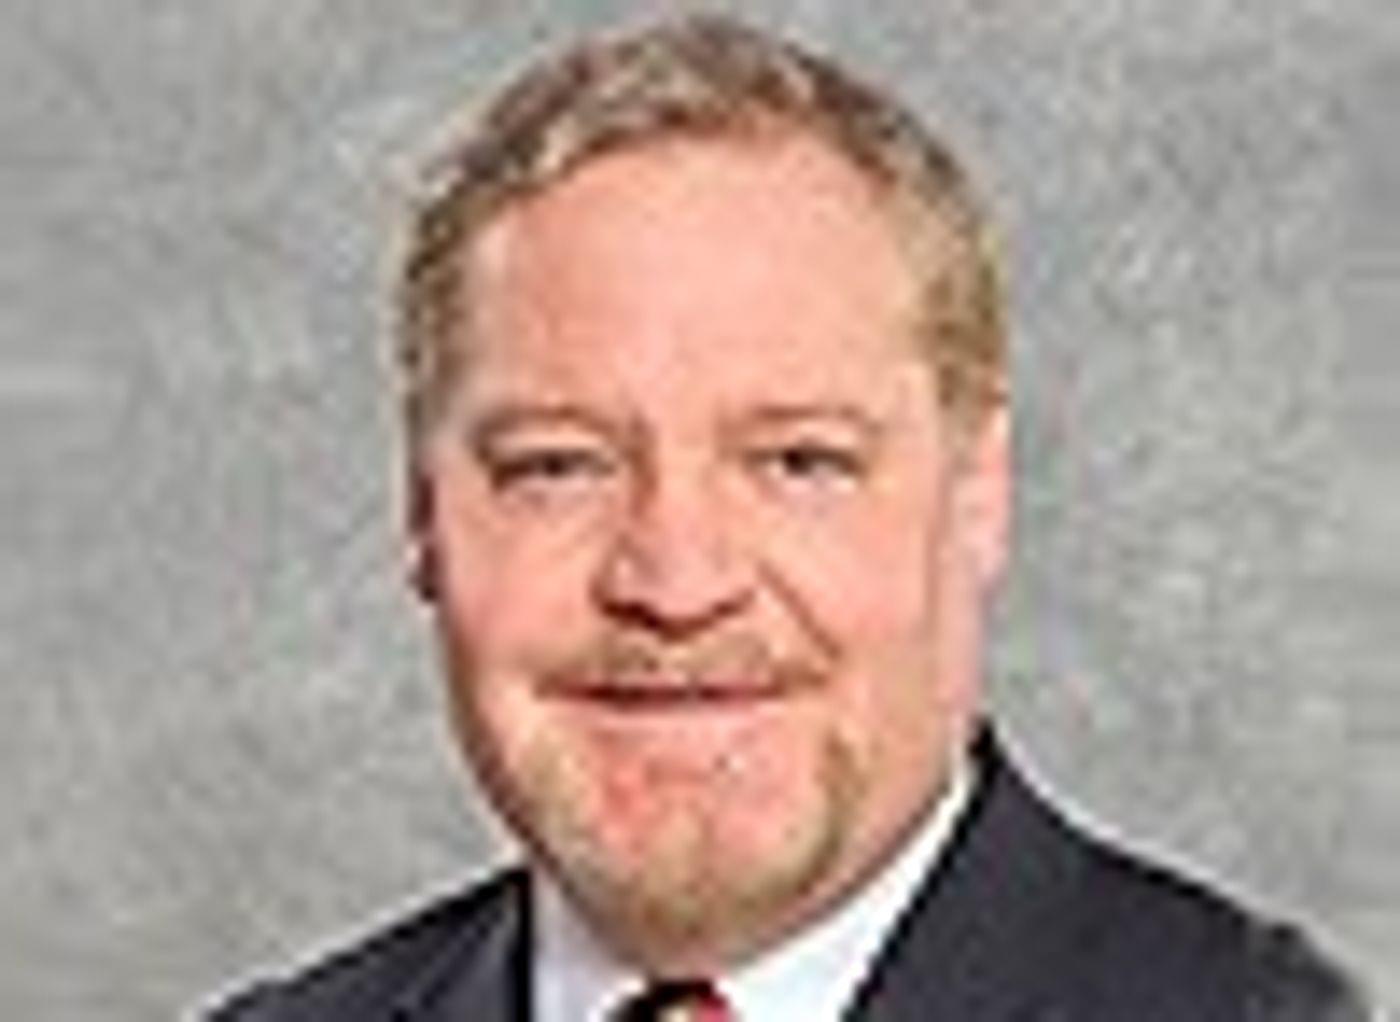 Shawn McCarthy